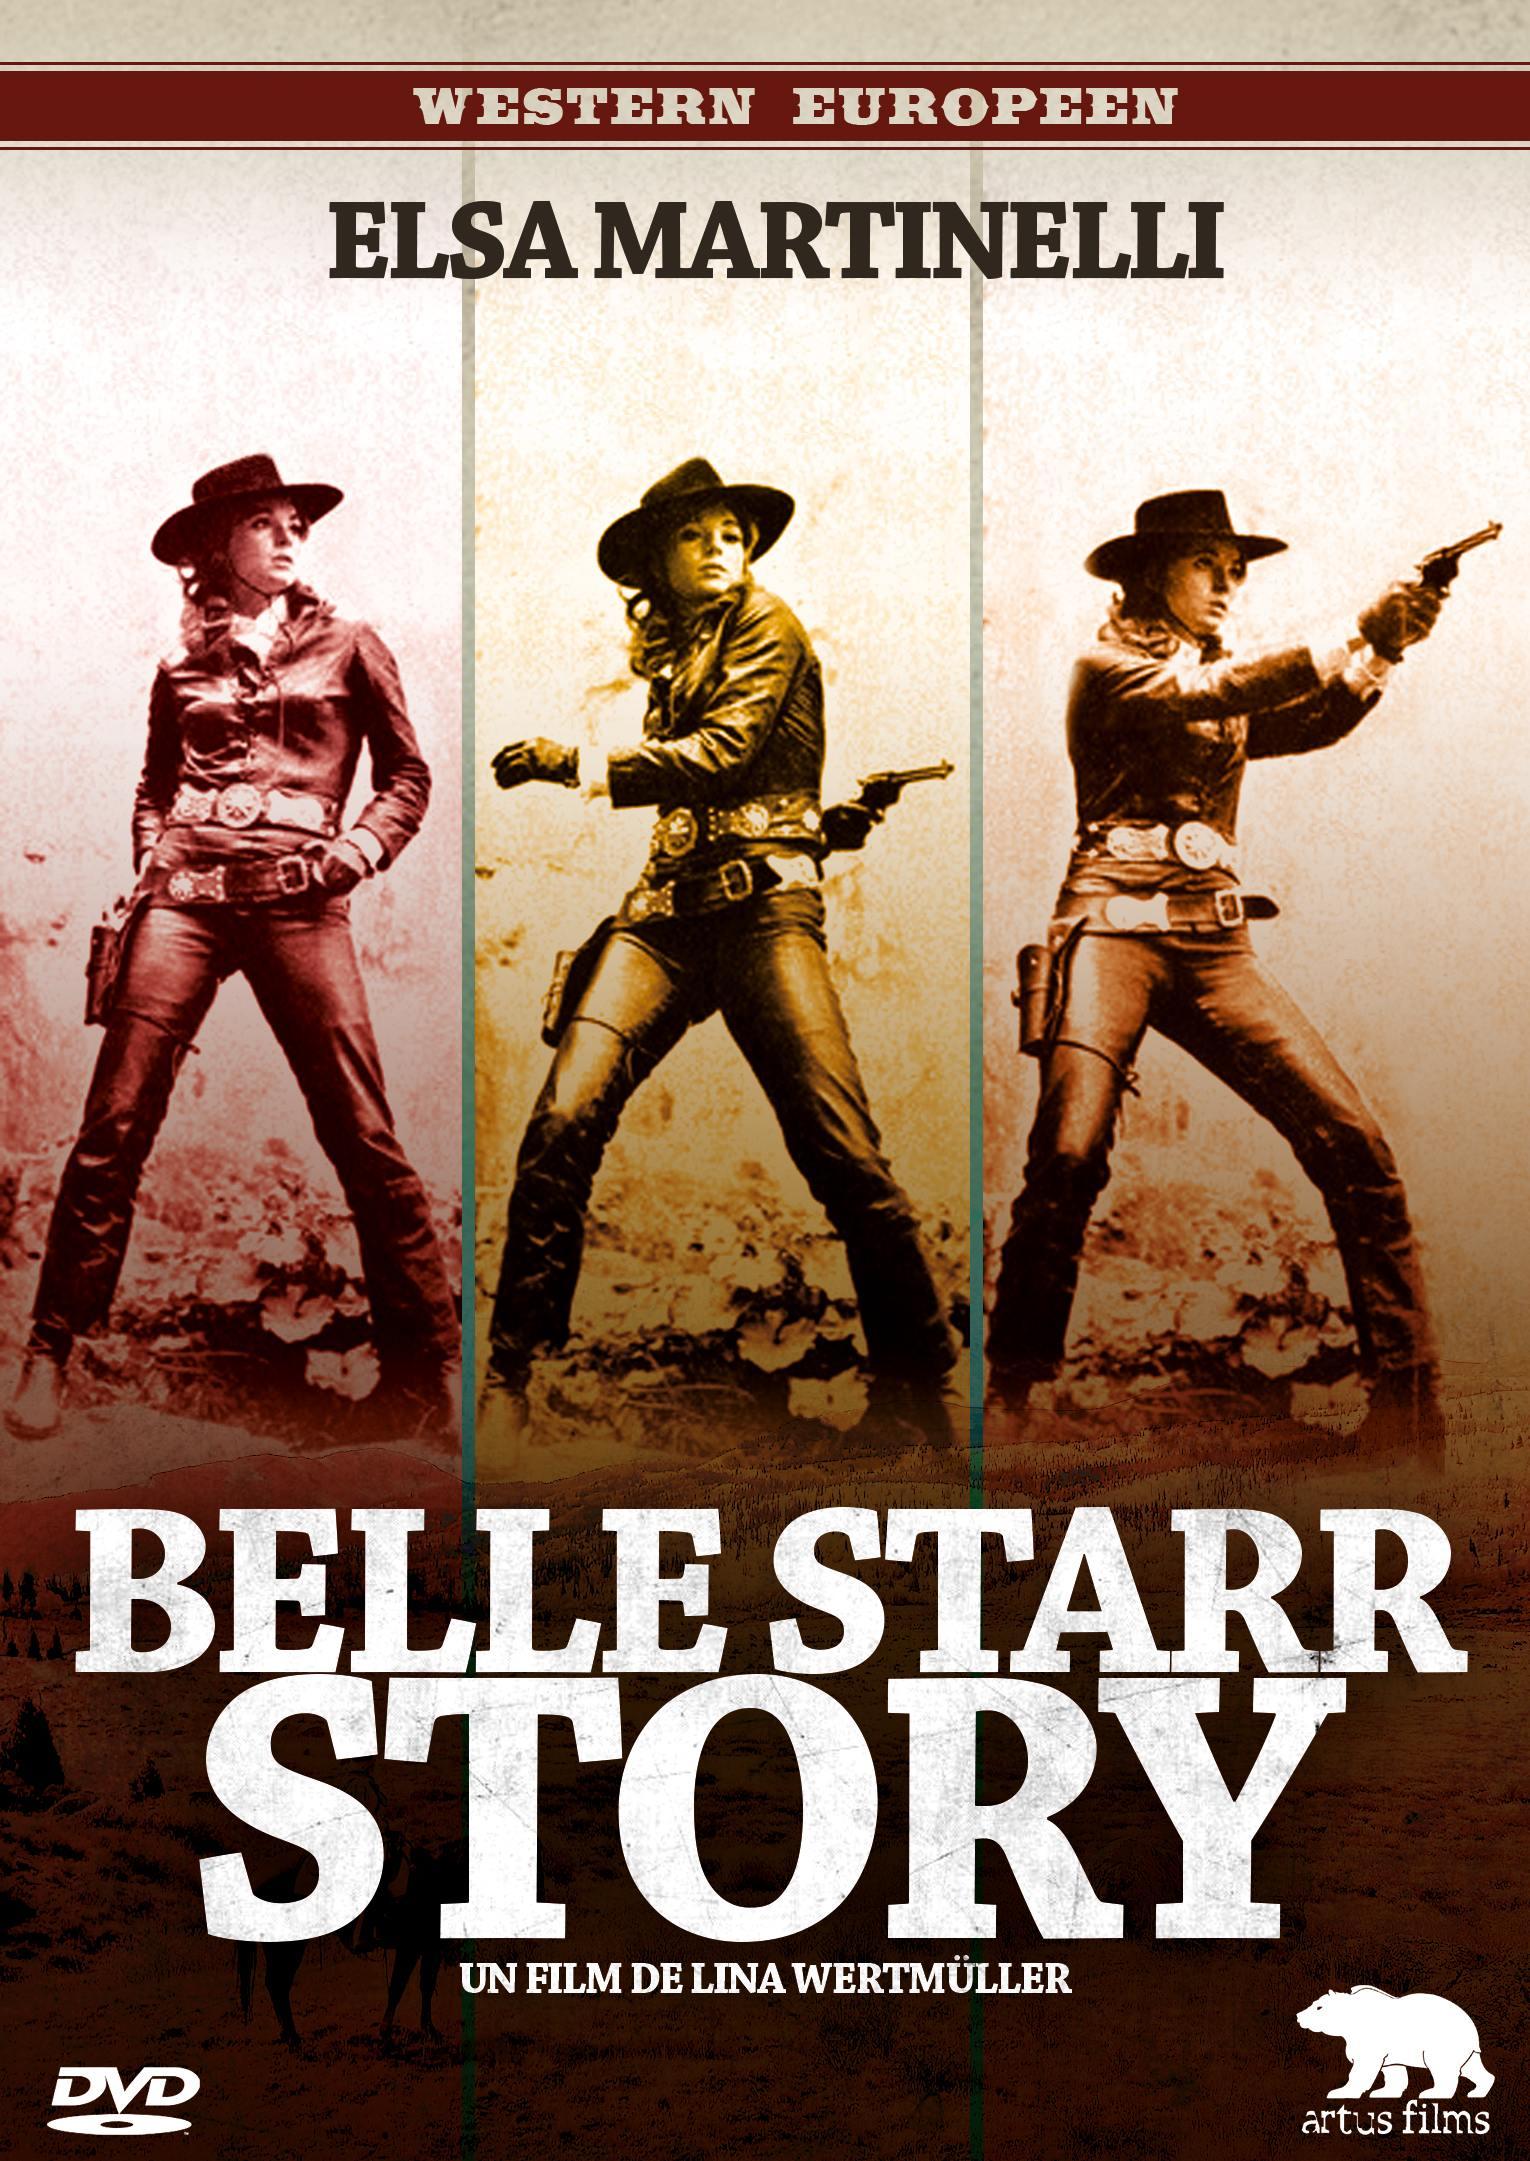 Belle starr story - dvd